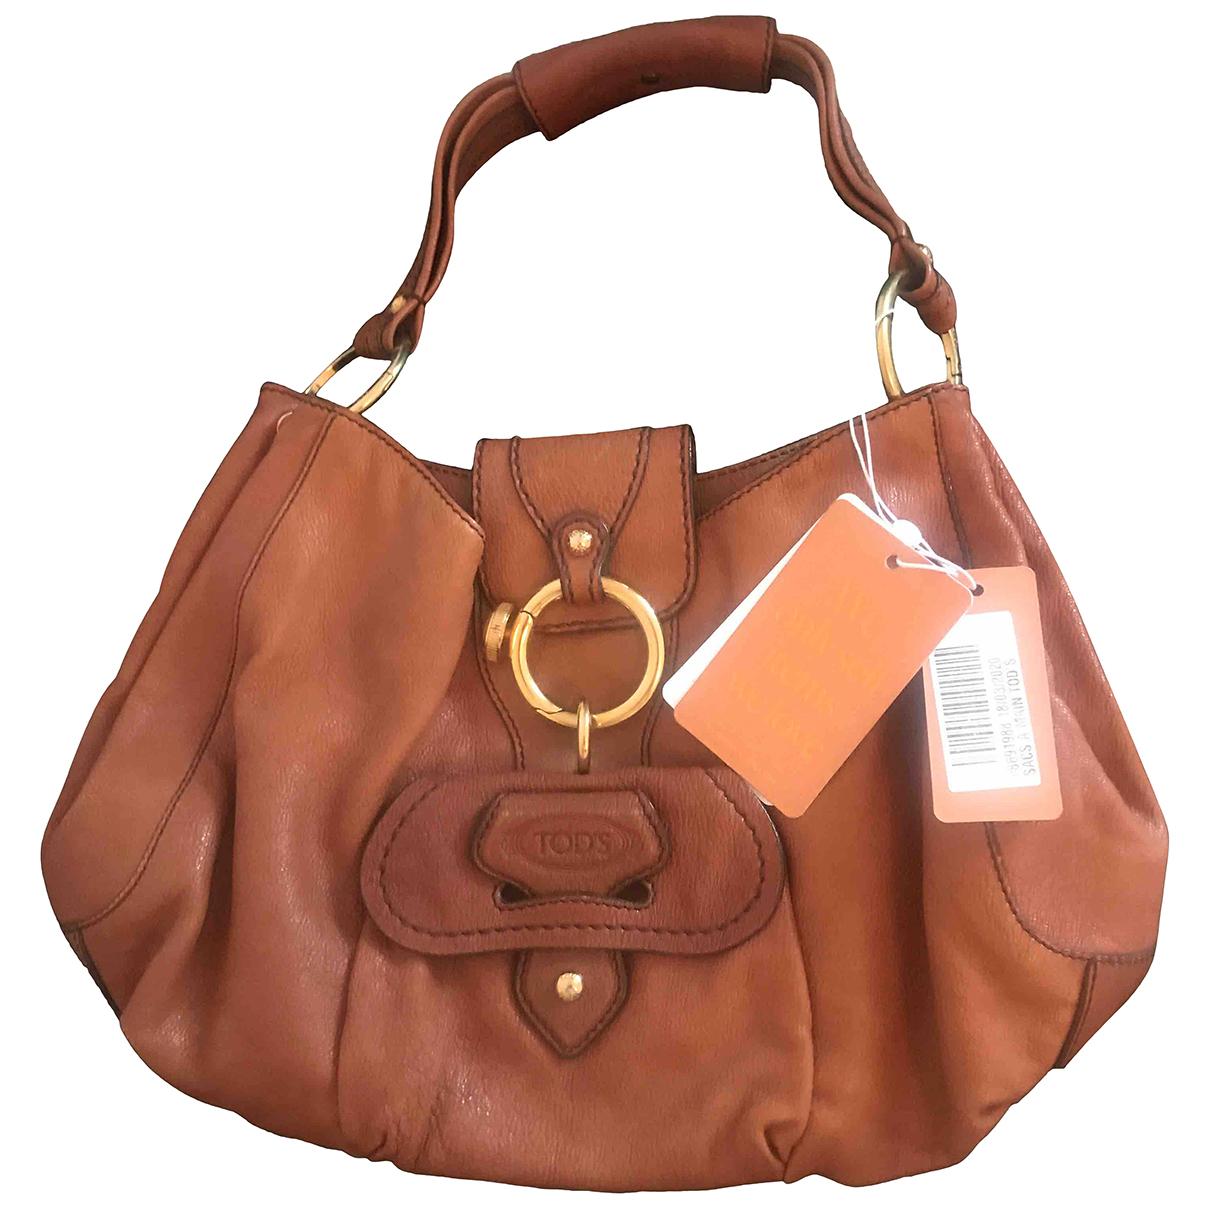 Tods \N Handtasche in  Beige Leder